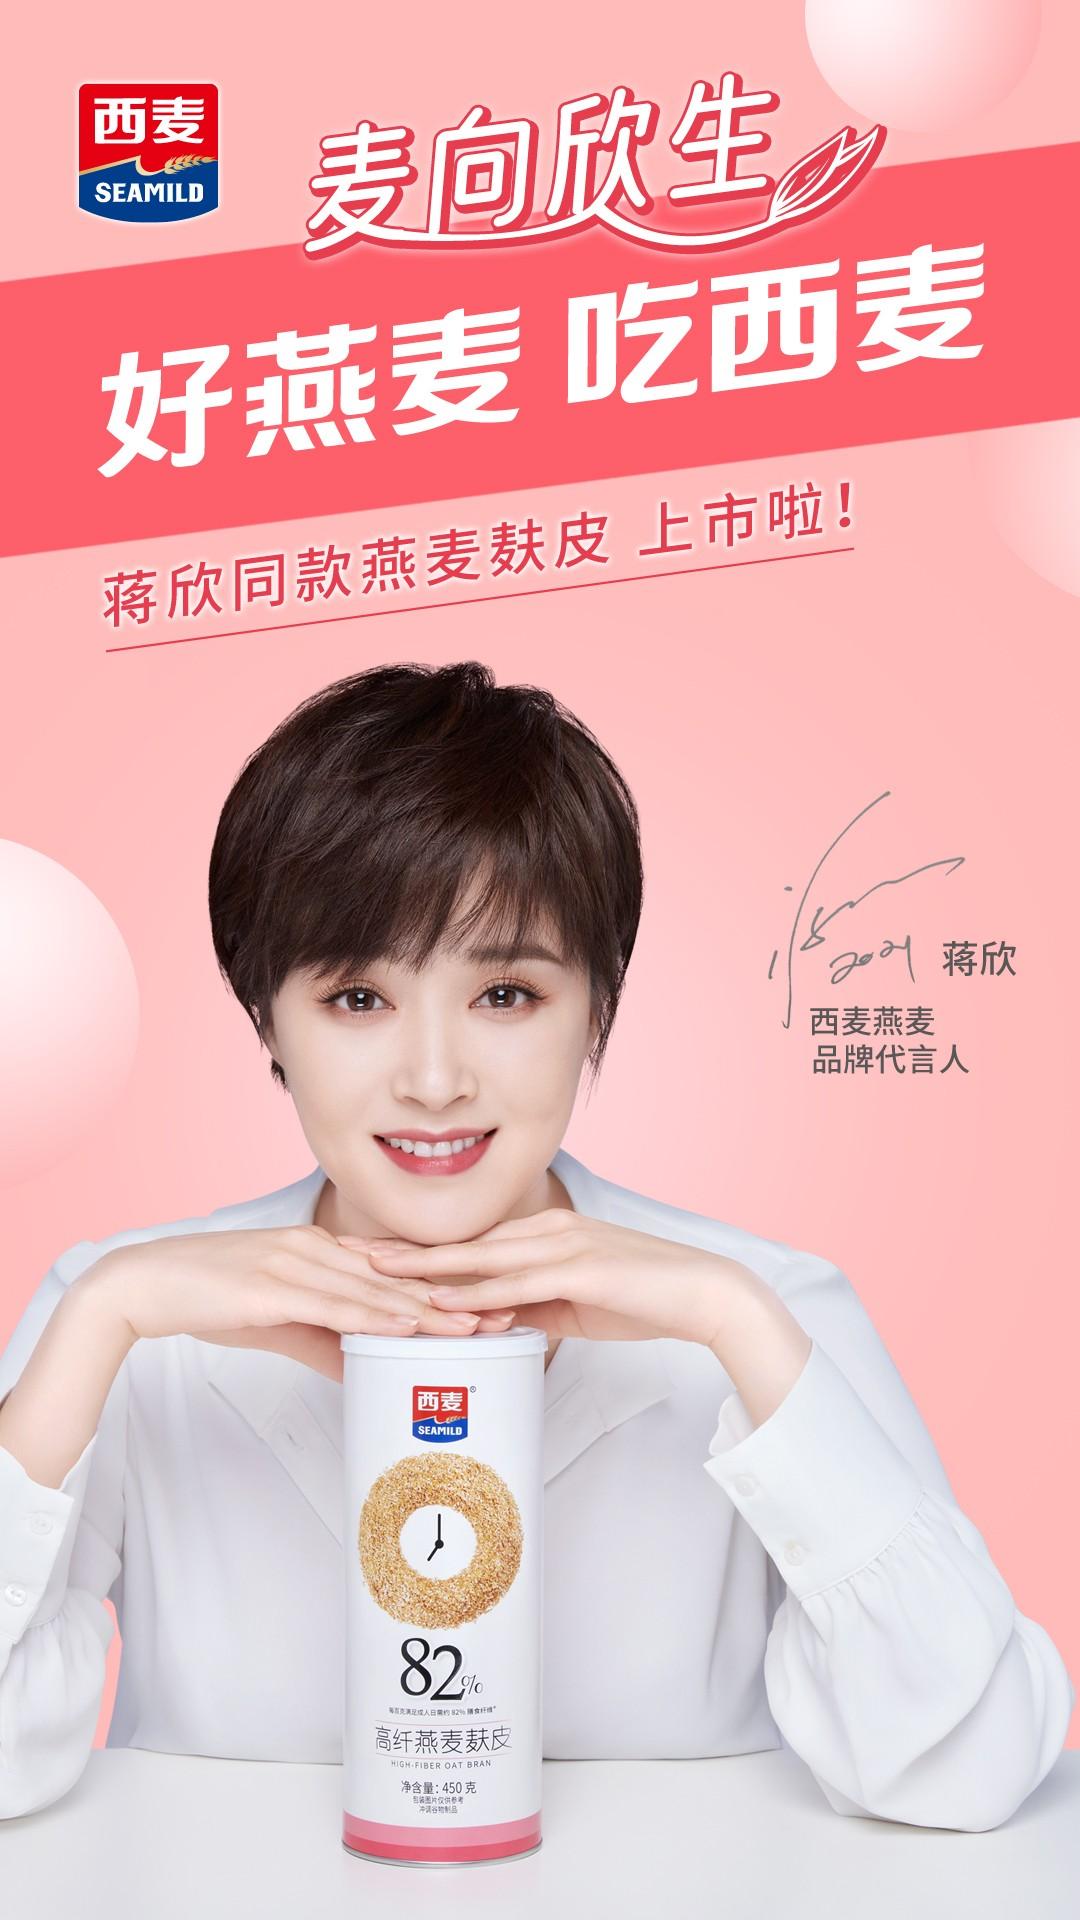 西麦燕麦官宣品牌代言人,蒋欣活力演绎全新广告大片